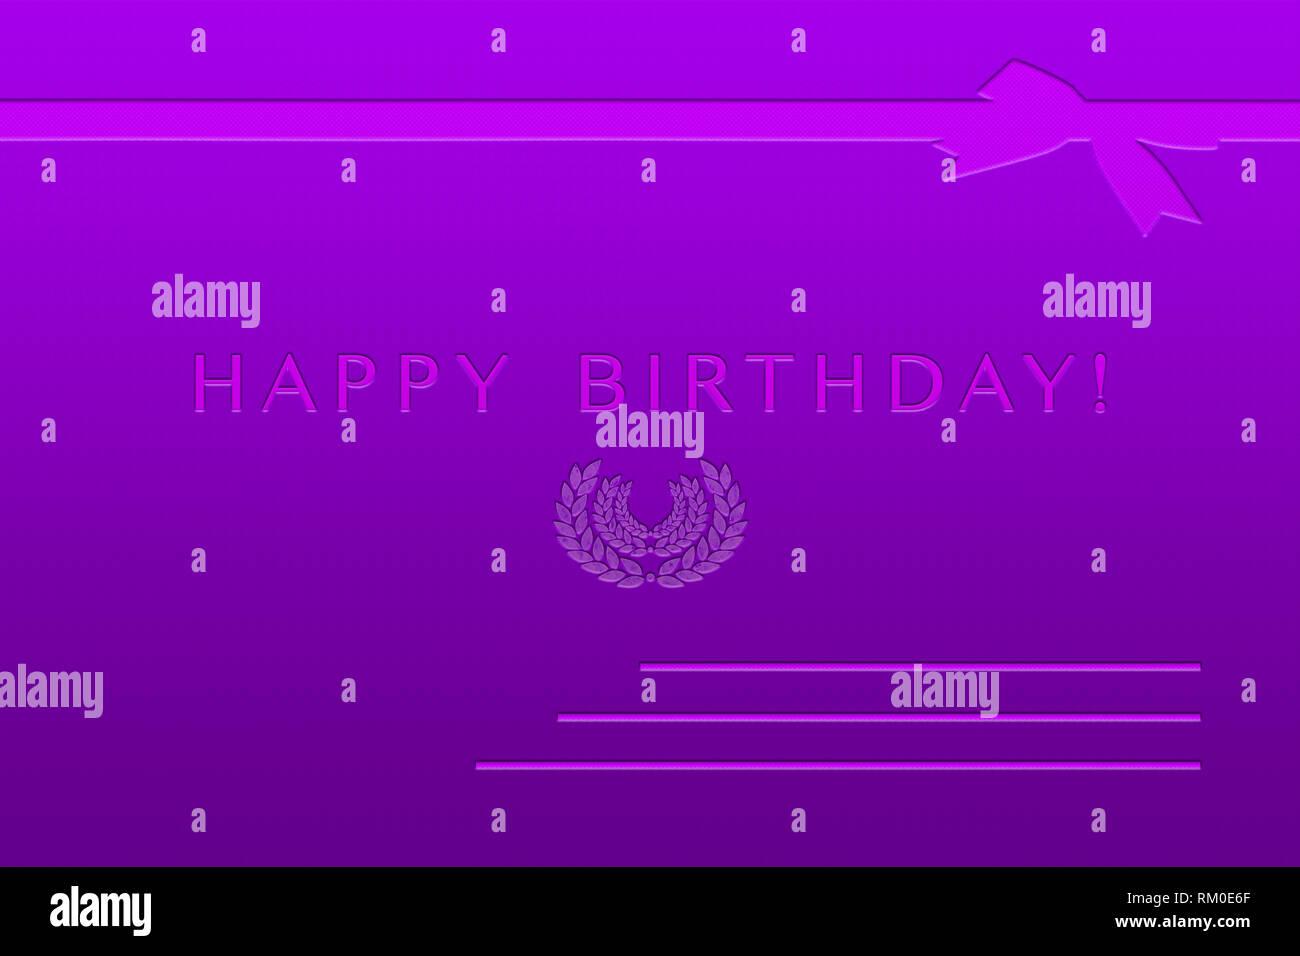 Carte postale anniversaire violet avec enfoncé dans le texte et les symboles Photo Stock